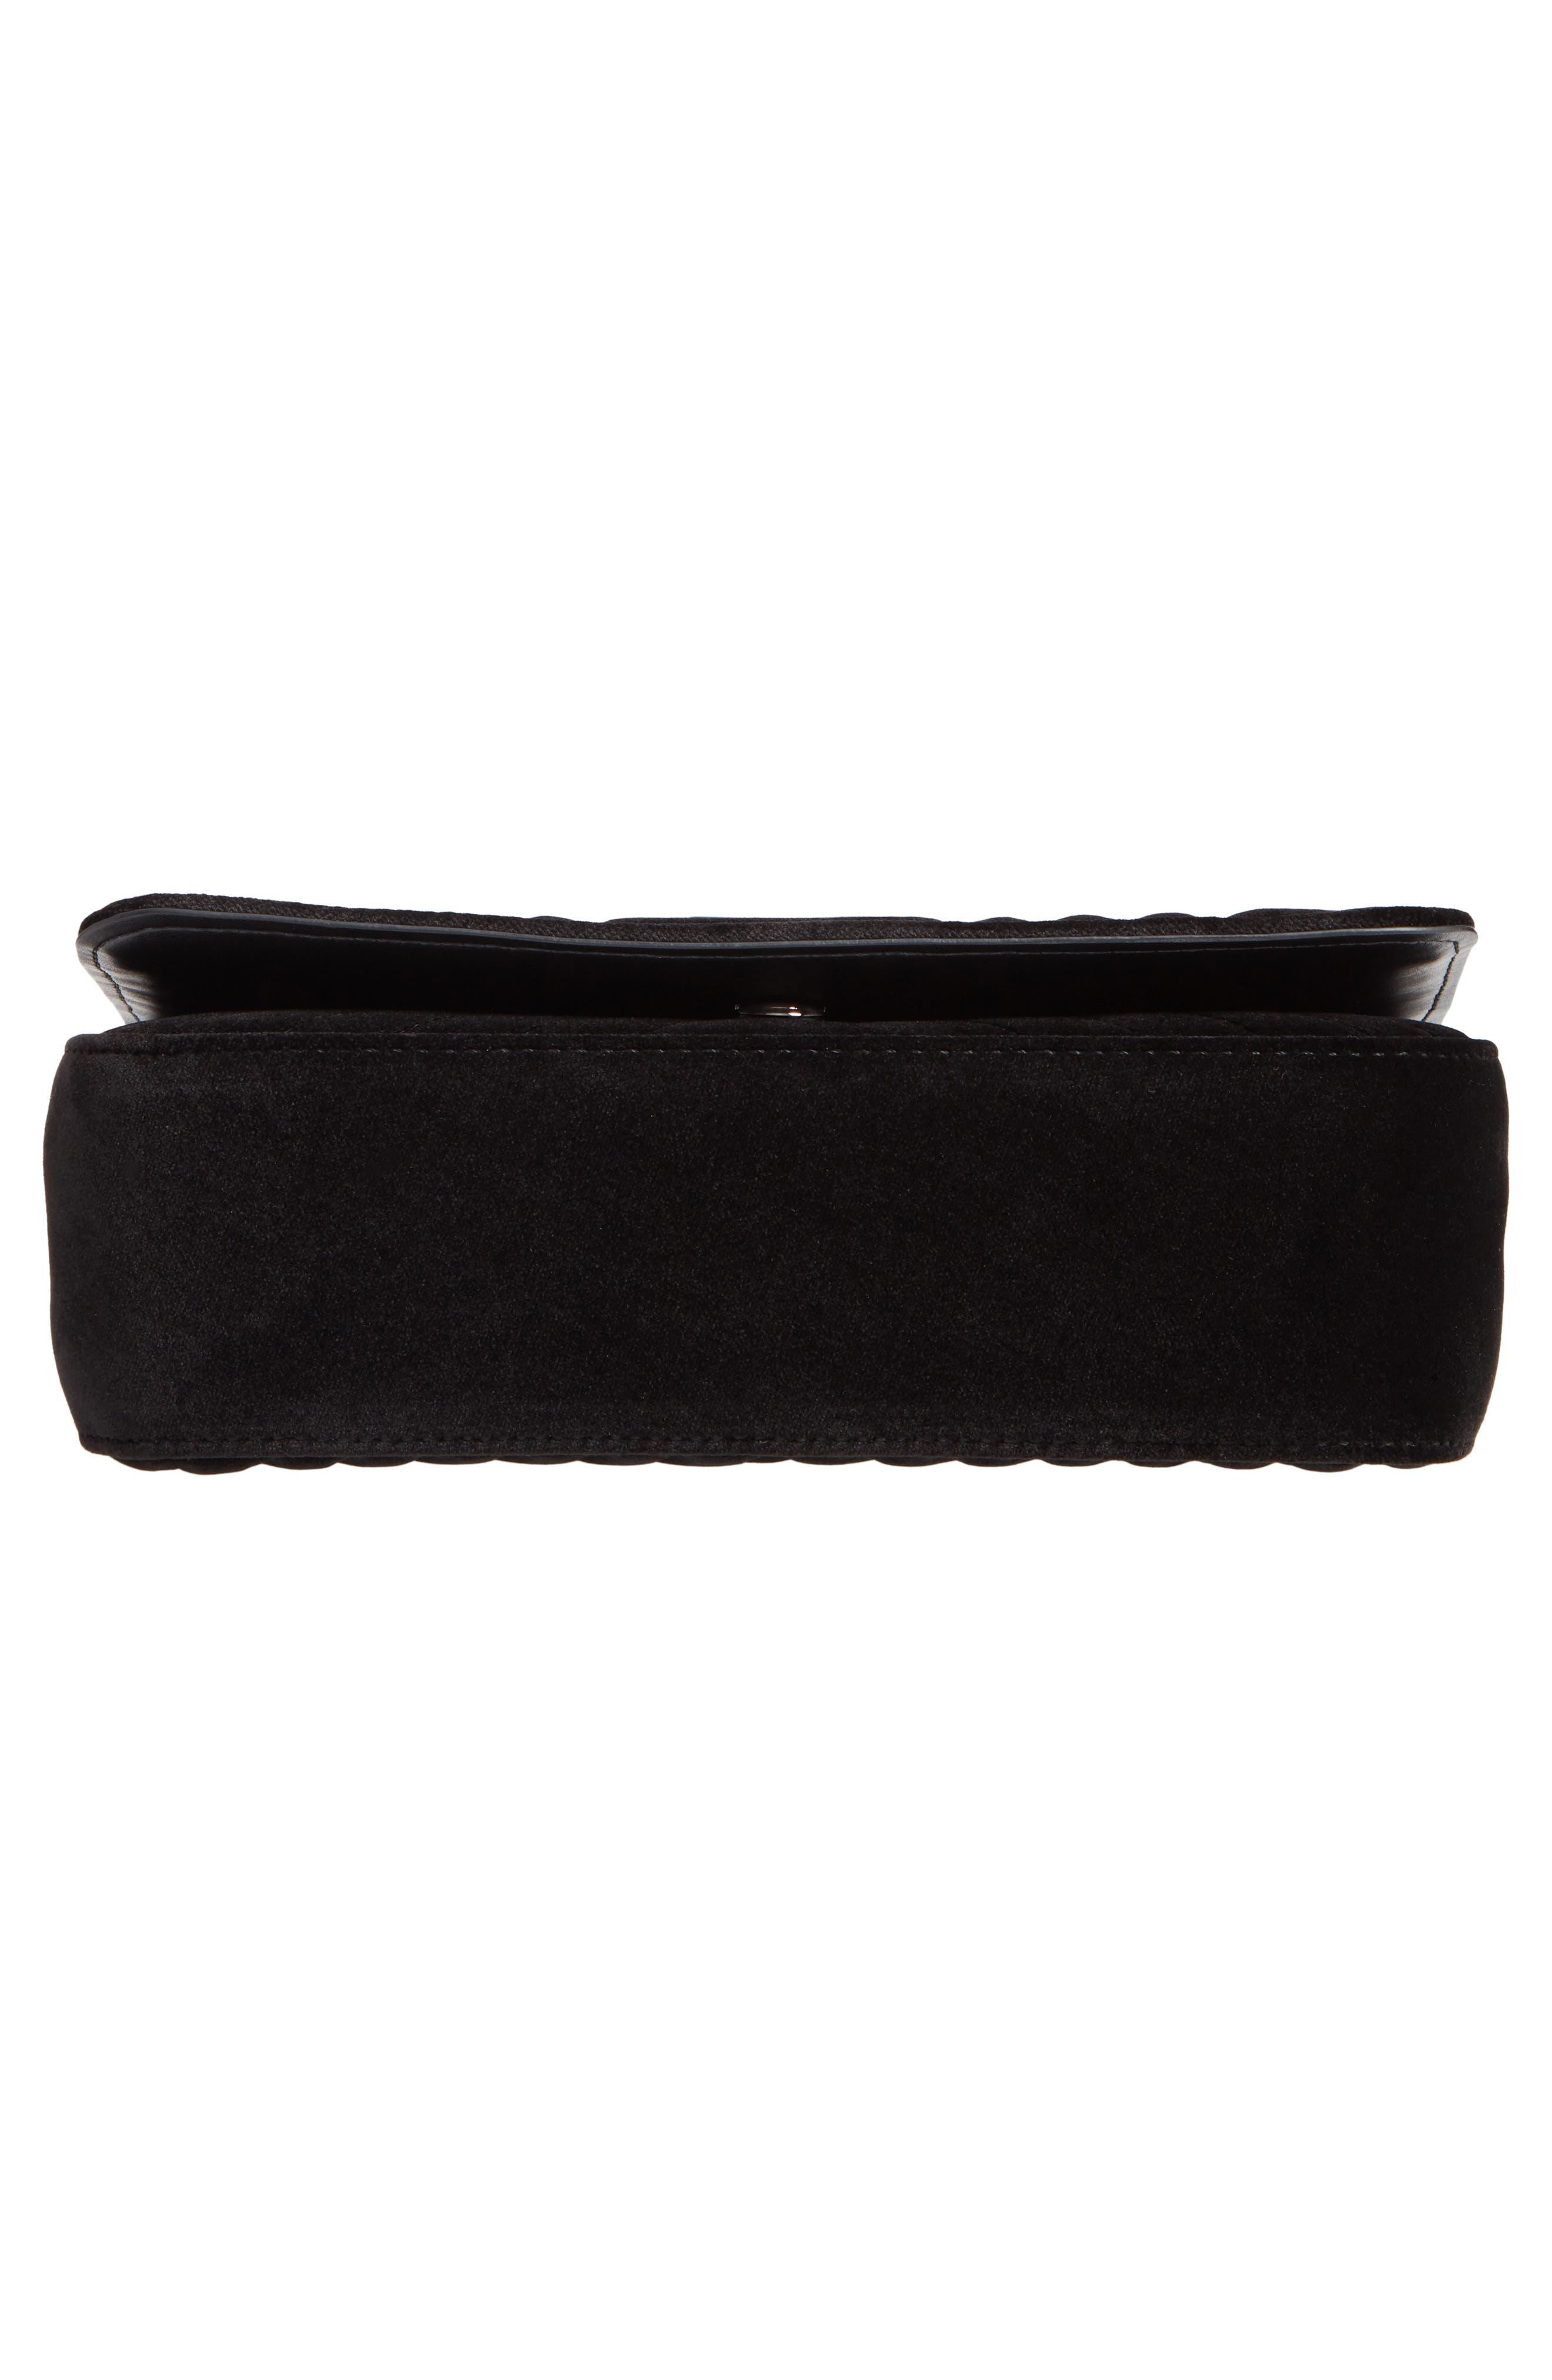 Medium Velvet Star Shoulder Bag,                             Alternate thumbnail 6, color,                             BLACK